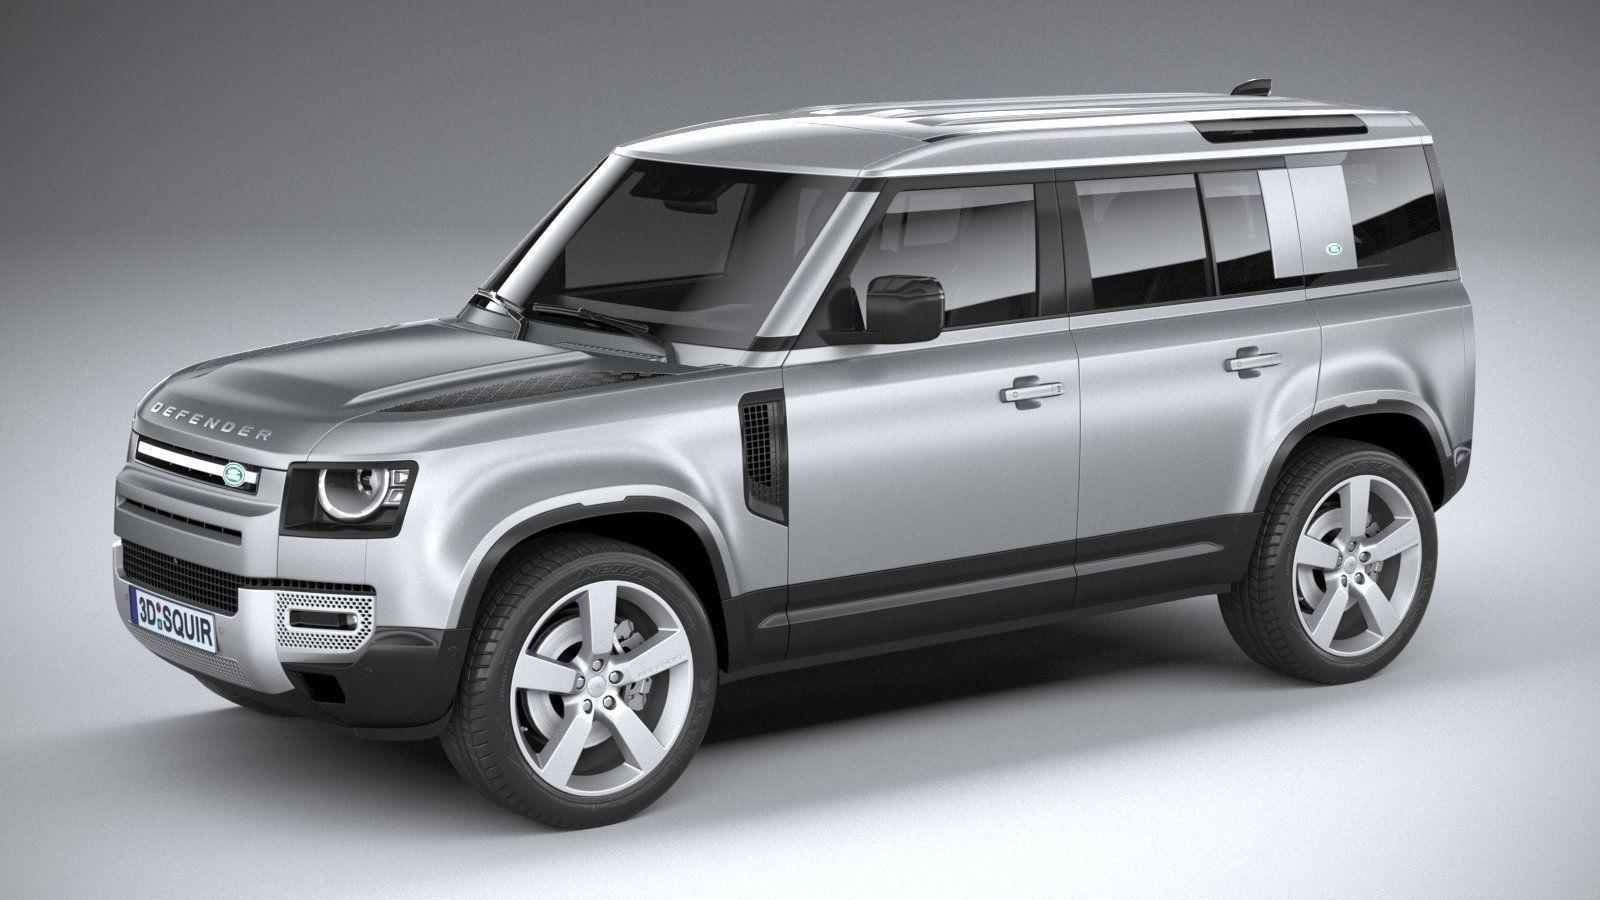 Land Rover Defender 110 2020 3D model   CGTrader